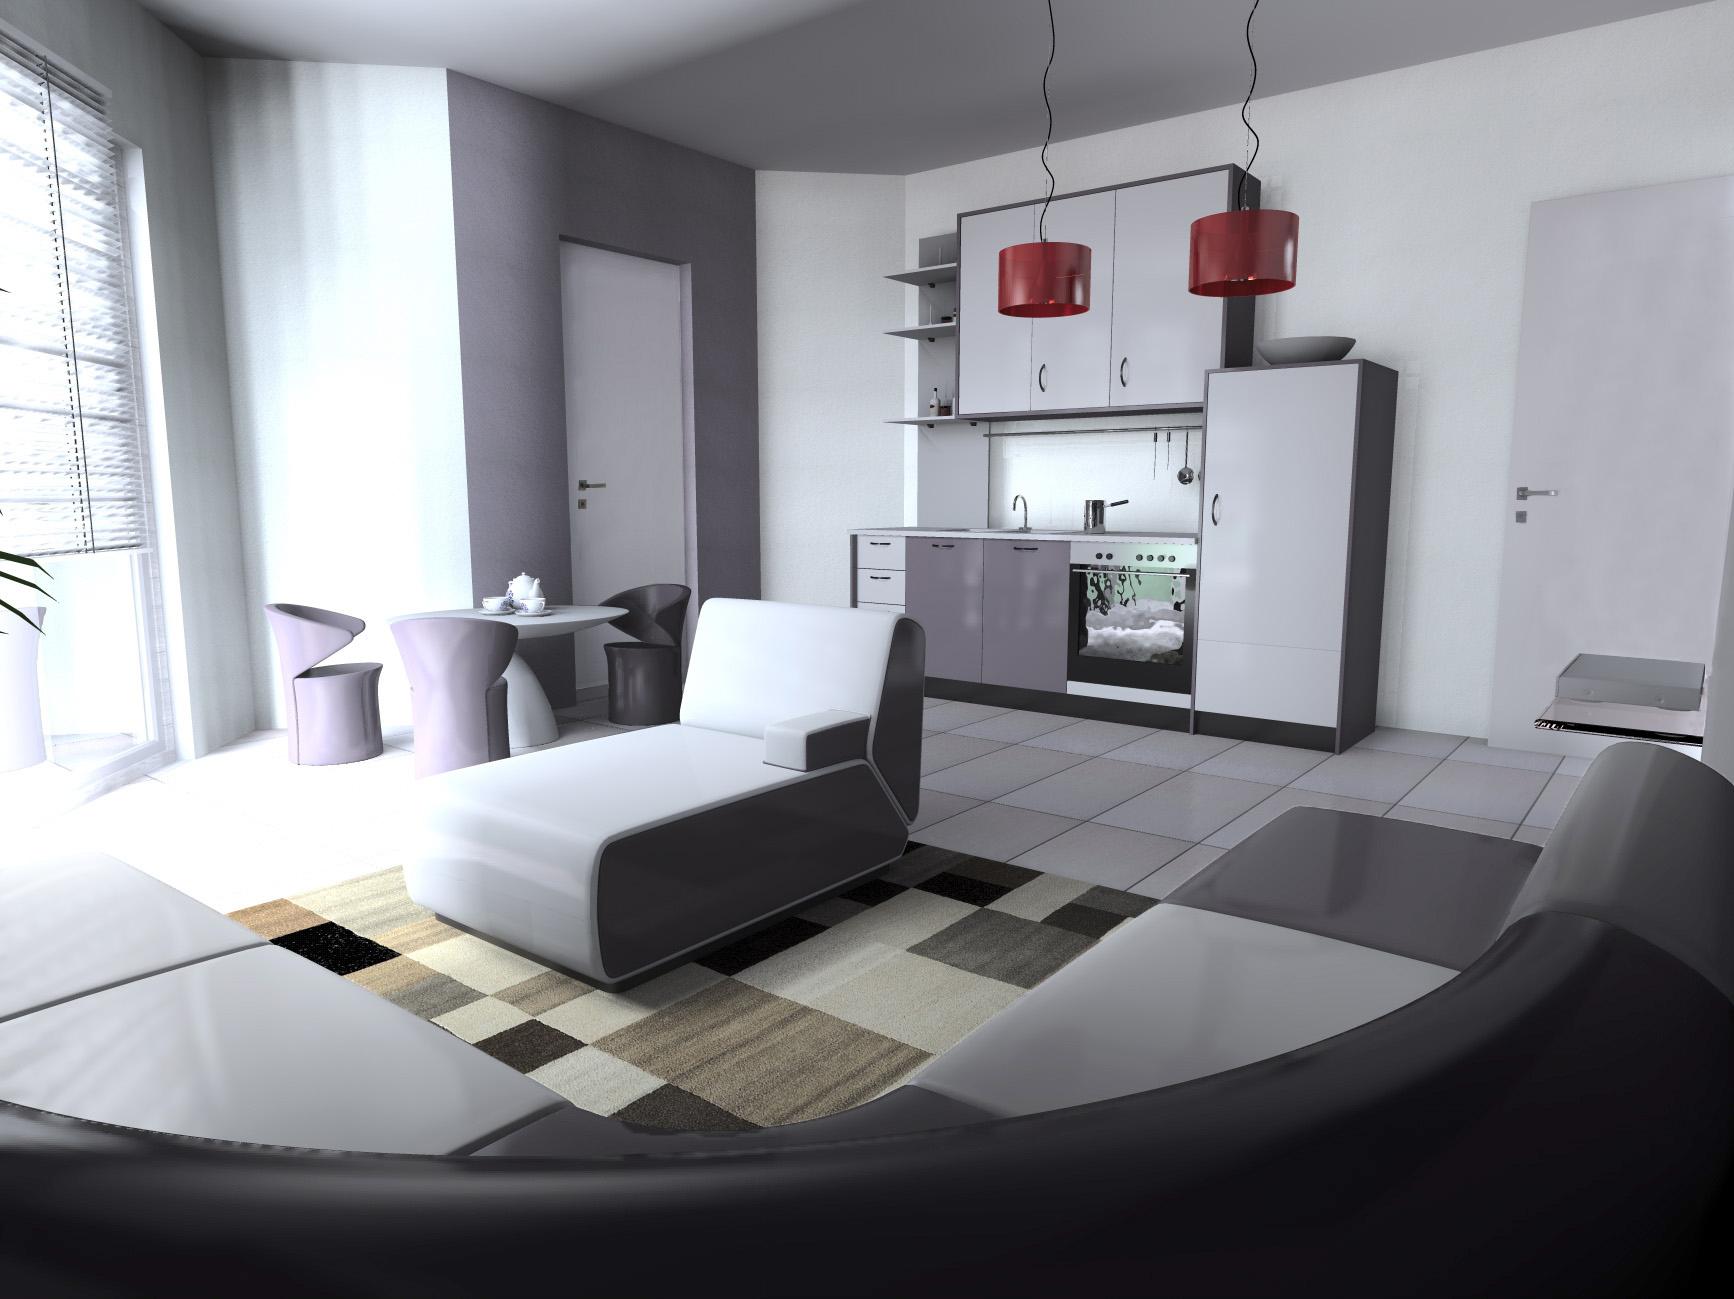 Appartamento in vendita a Golfo Aranci, 2 locali, prezzo € 199.000 | CambioCasa.it